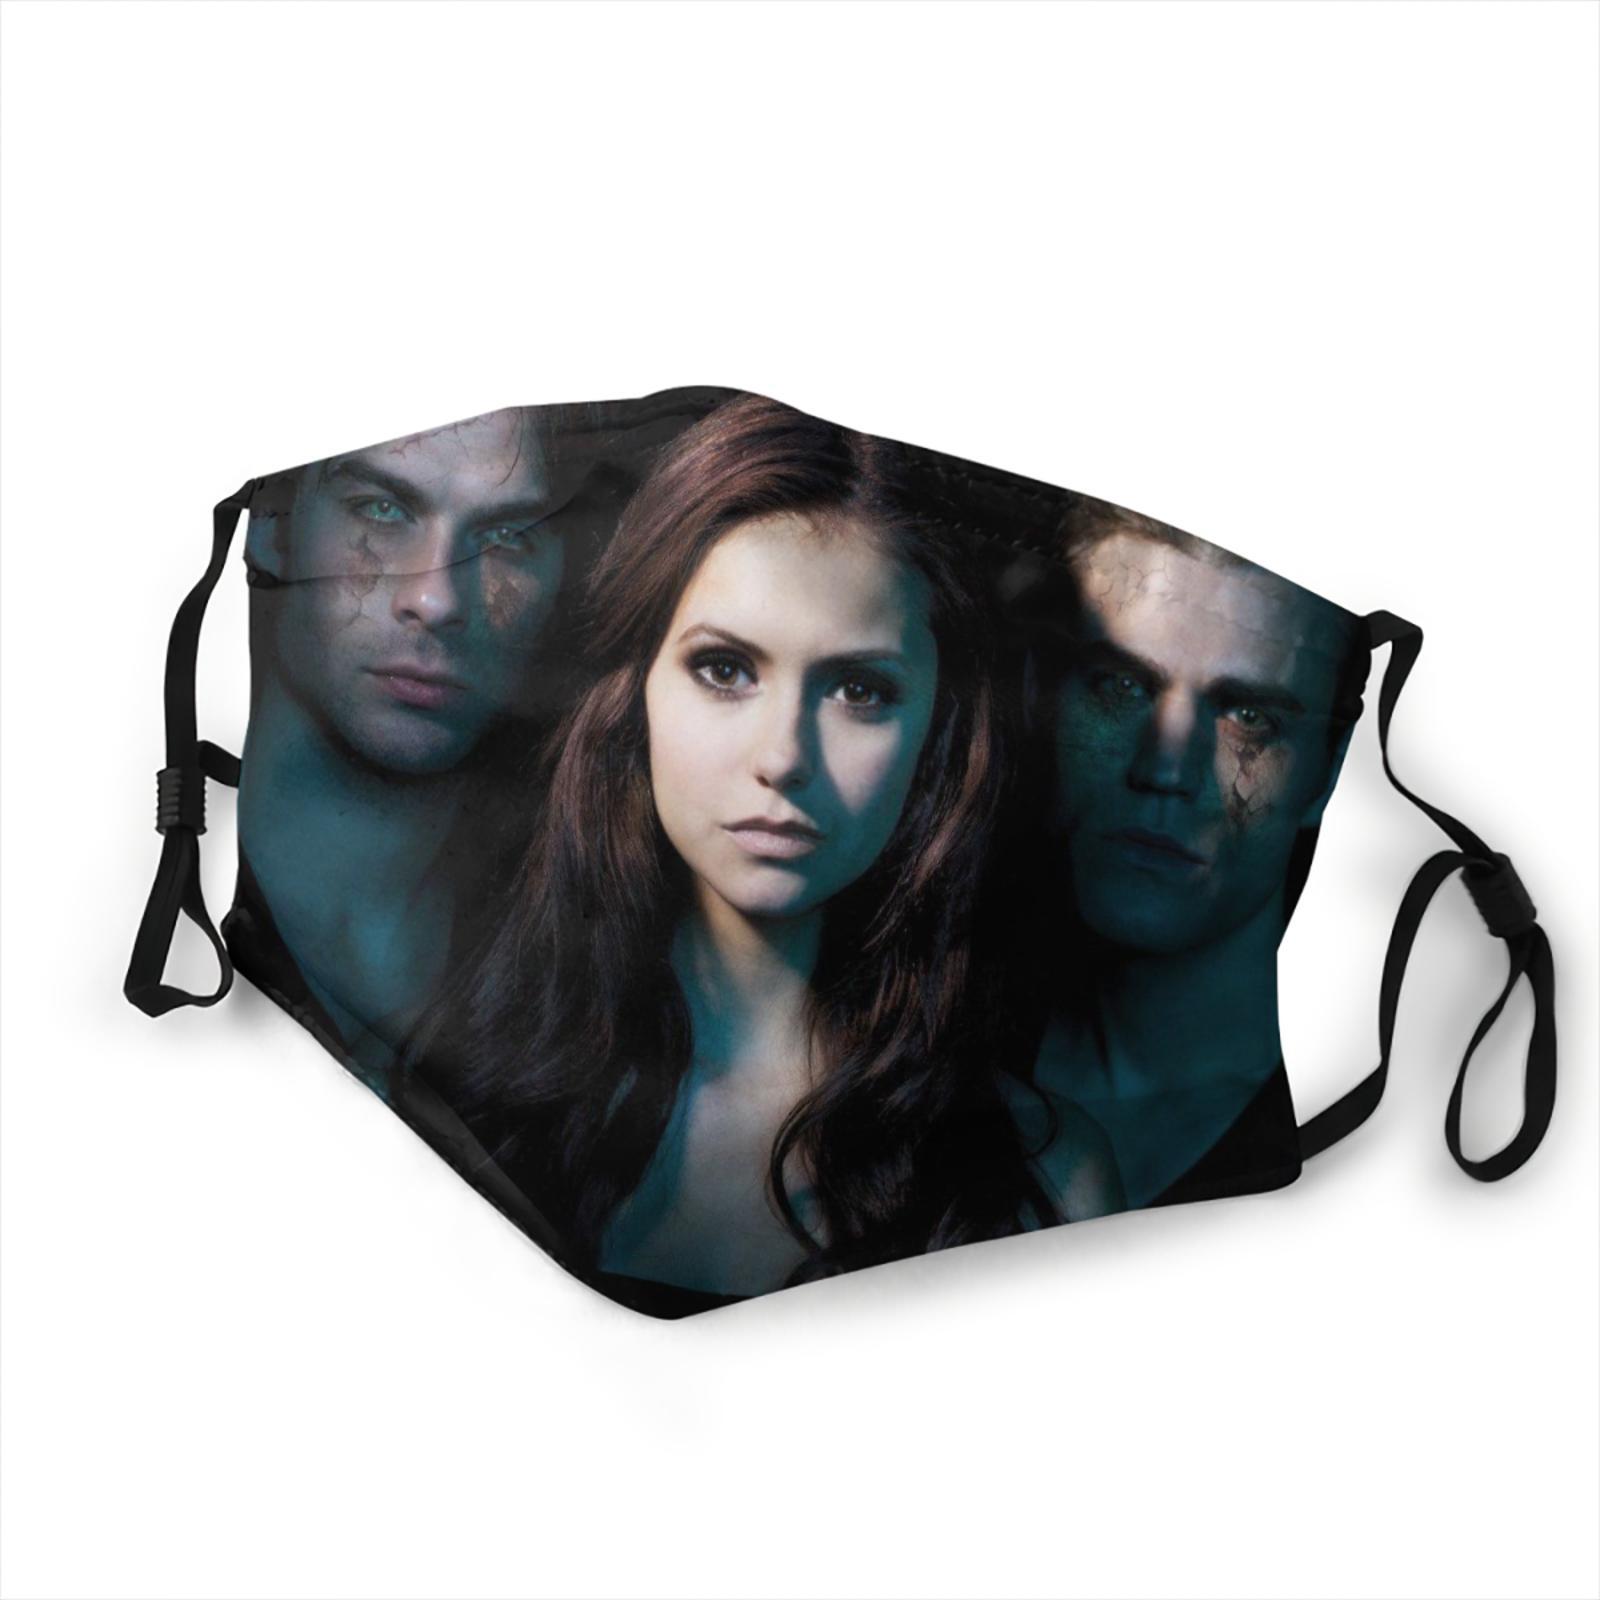 Новинка 2020, дышащая маска дневников вампира, модная дышащая маска для женщин и мужчин, Дневники вампира, ювелирные изделия, маска для мальчи...